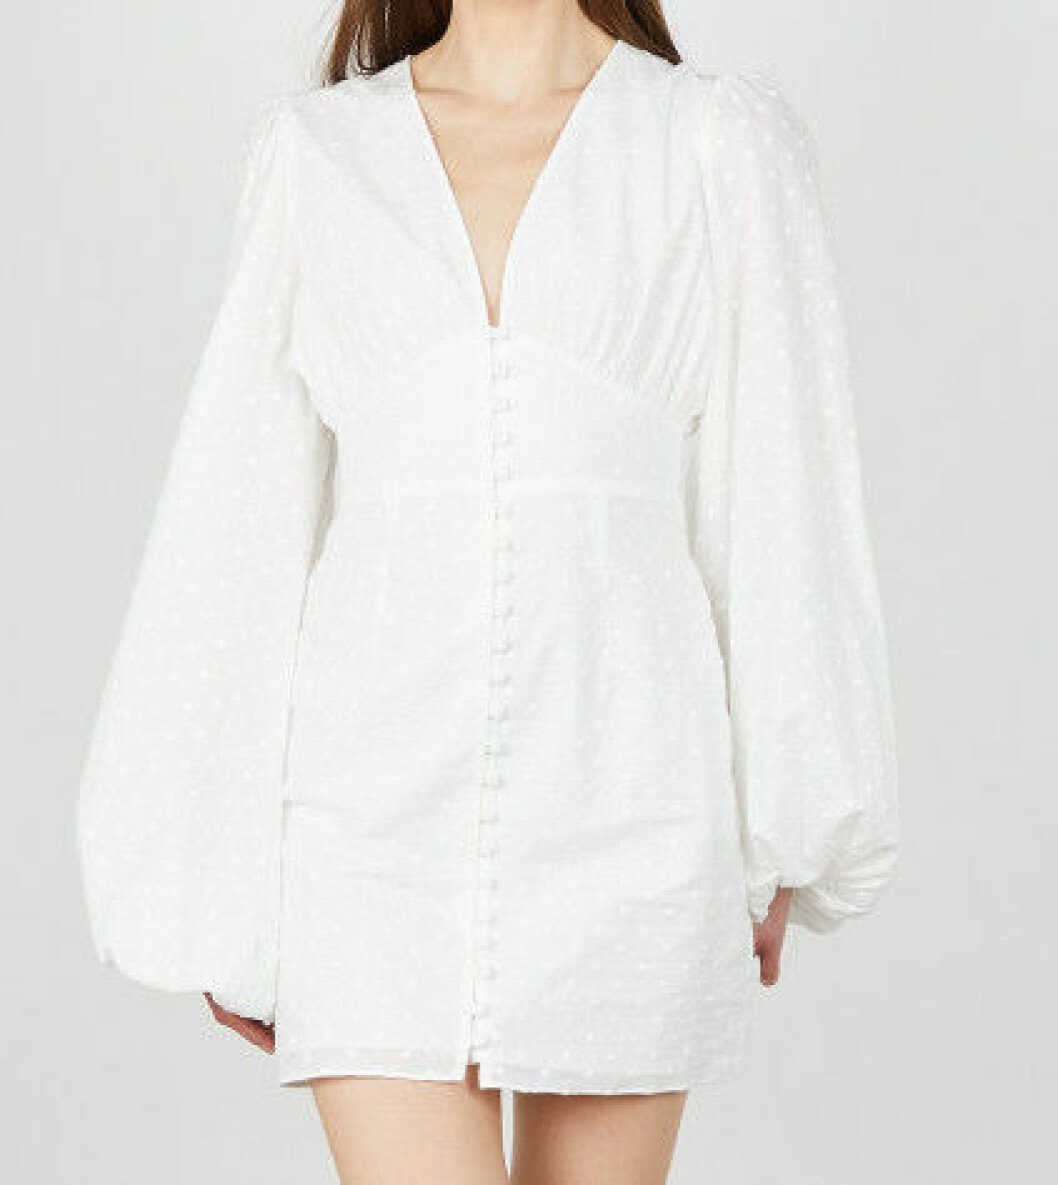 vit kort klänning från Adoore.